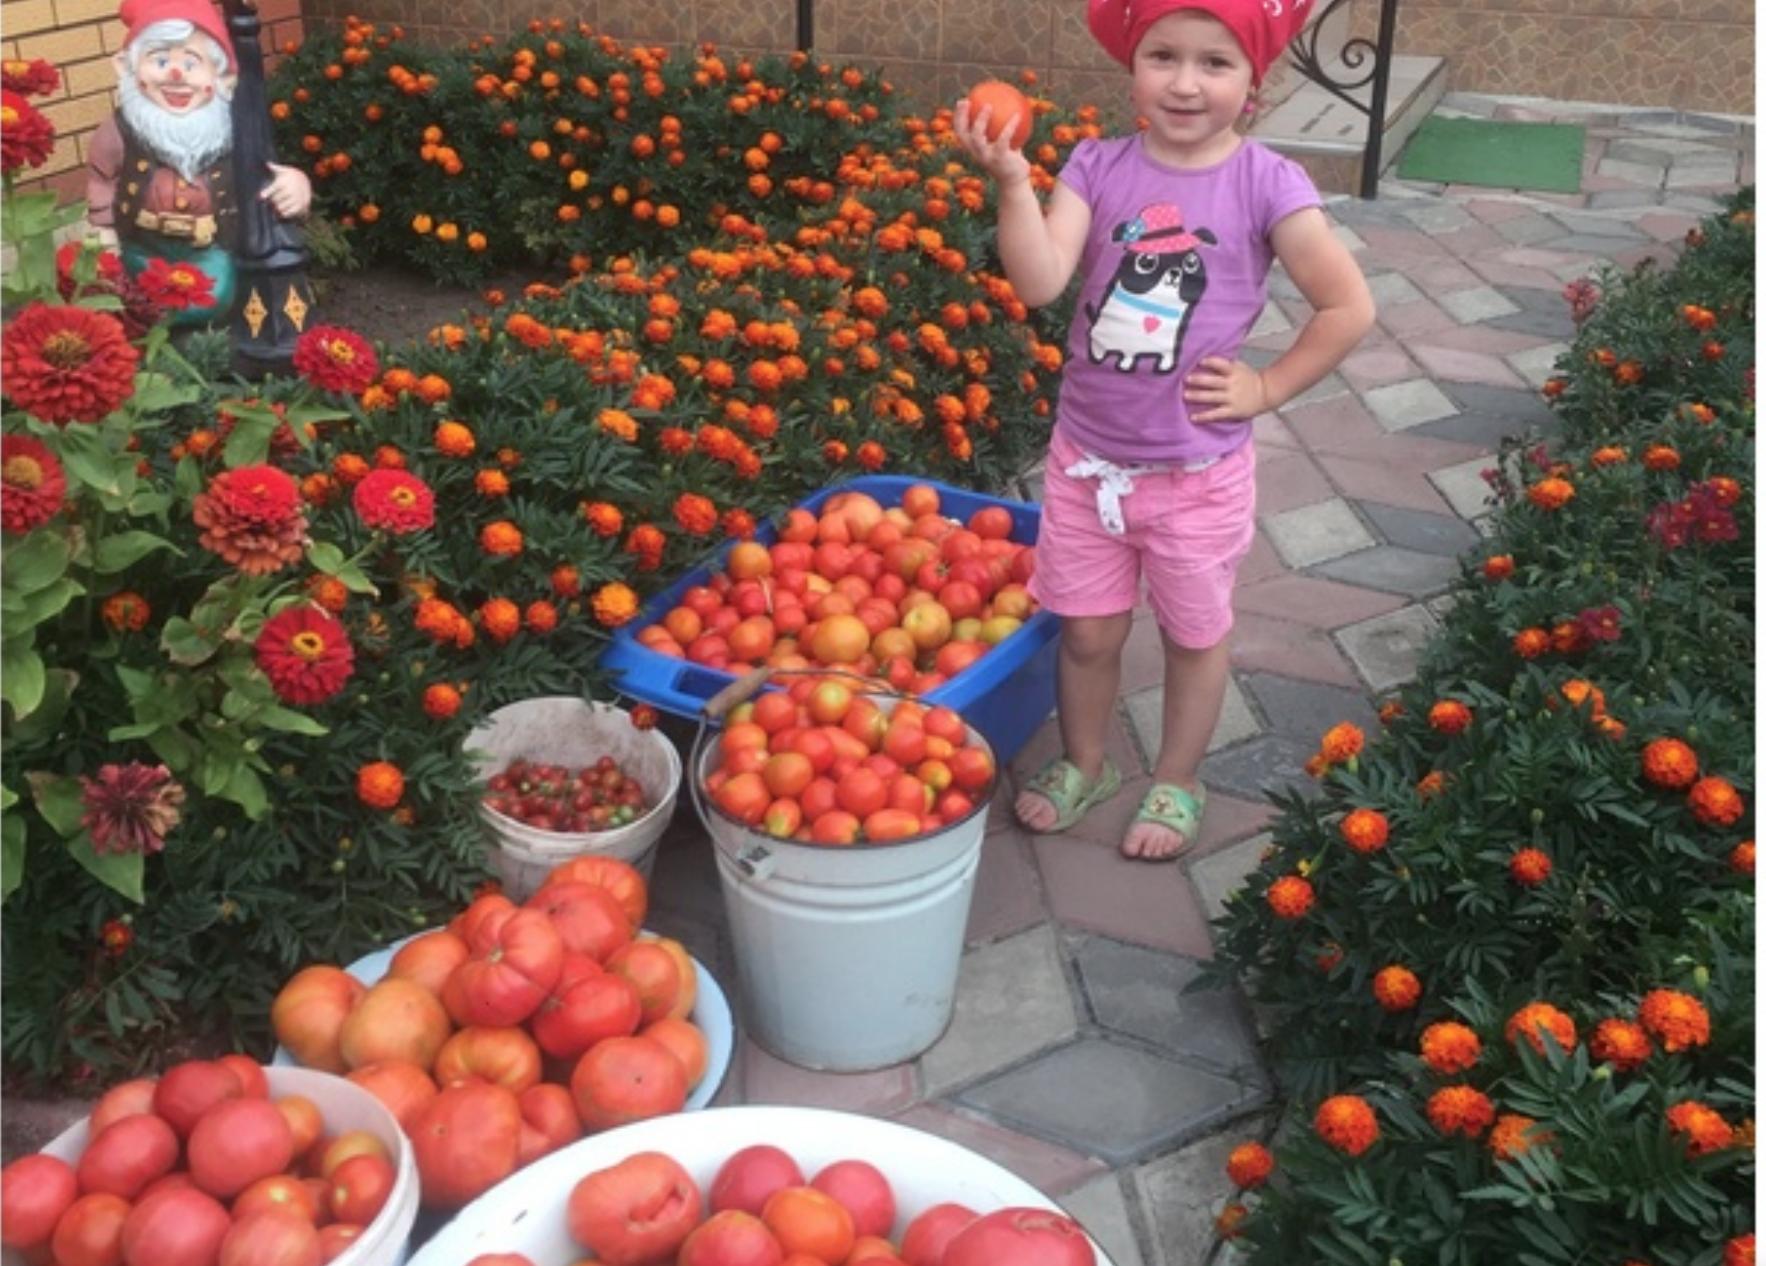 У бабусі в селі завжди величезний урожай помідорів. Незнаємо куди їх дівати. Хочу поділитися секретом з вами